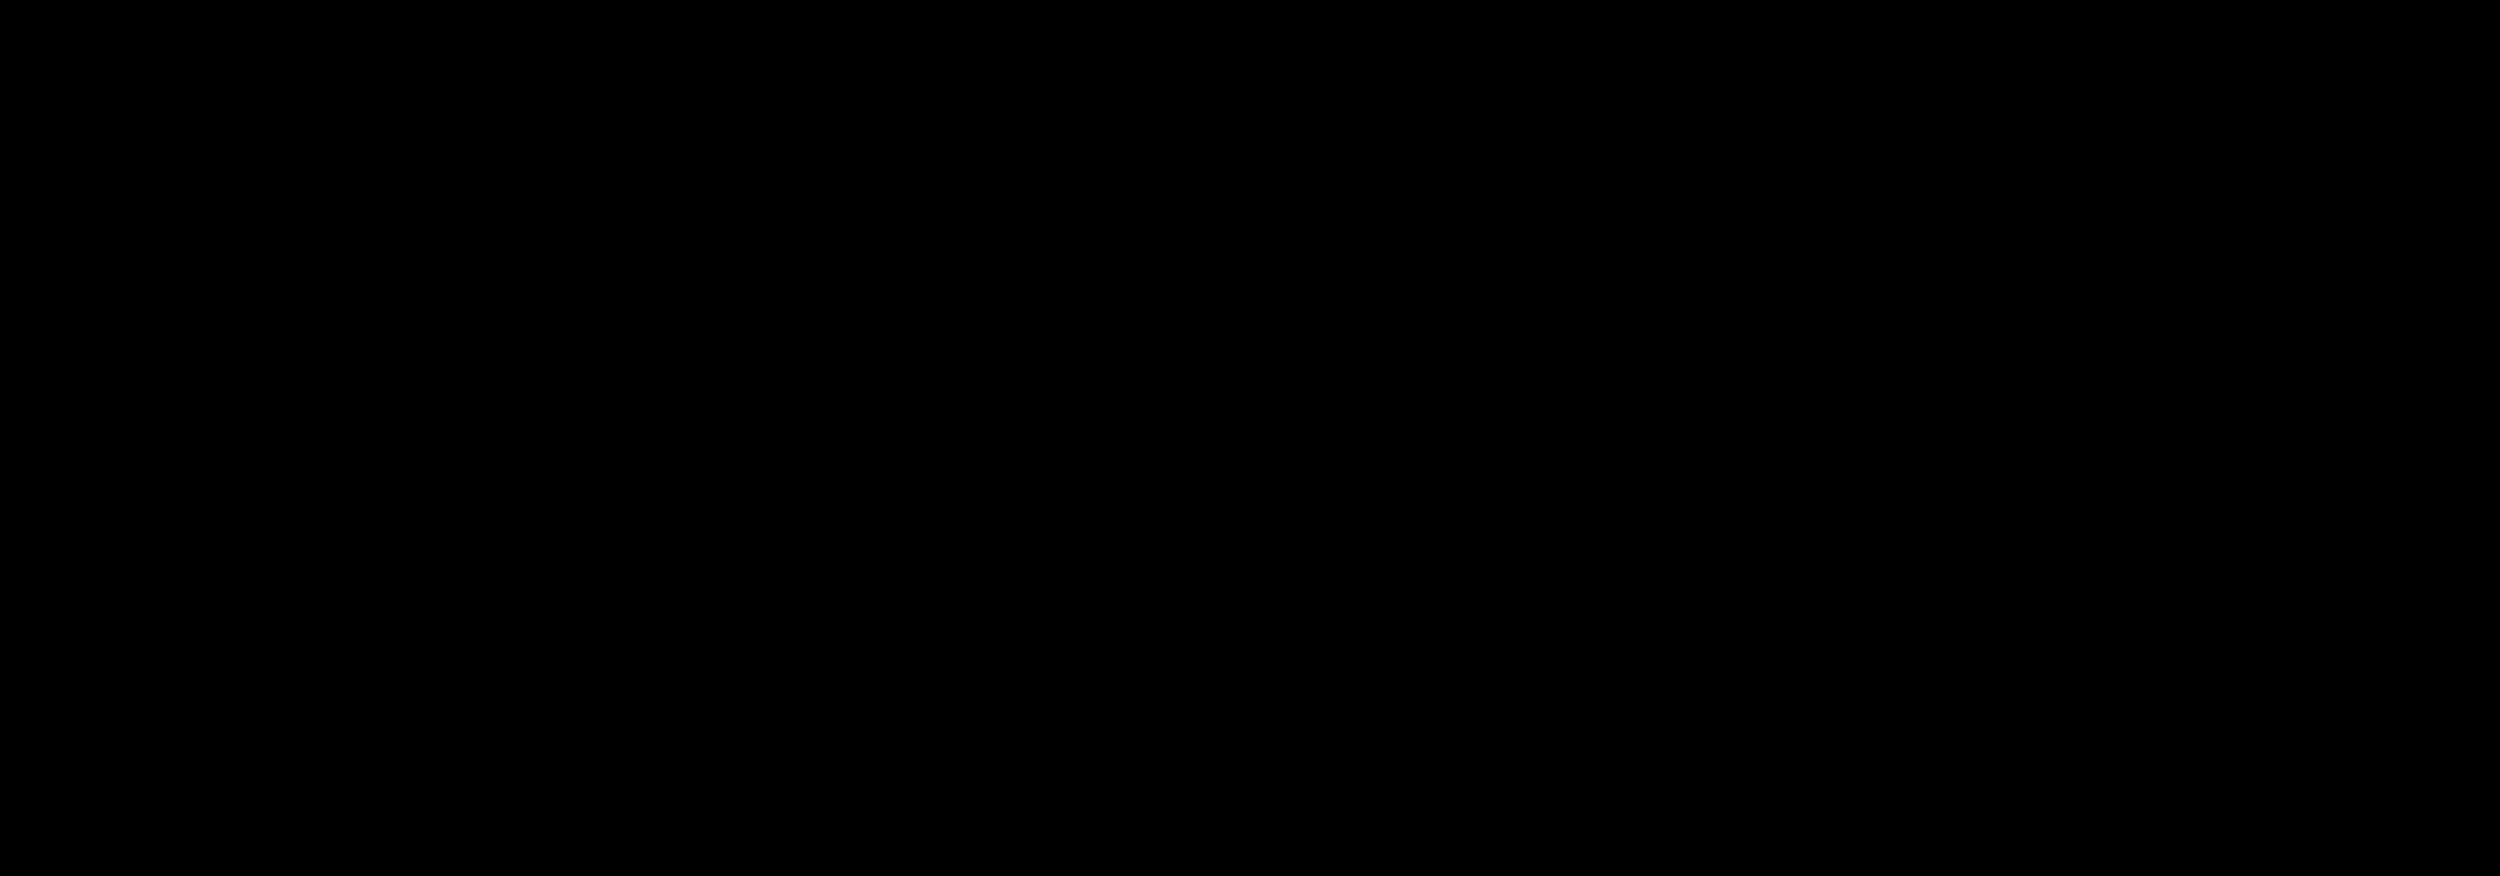 WF BW logo copy copy 2.png